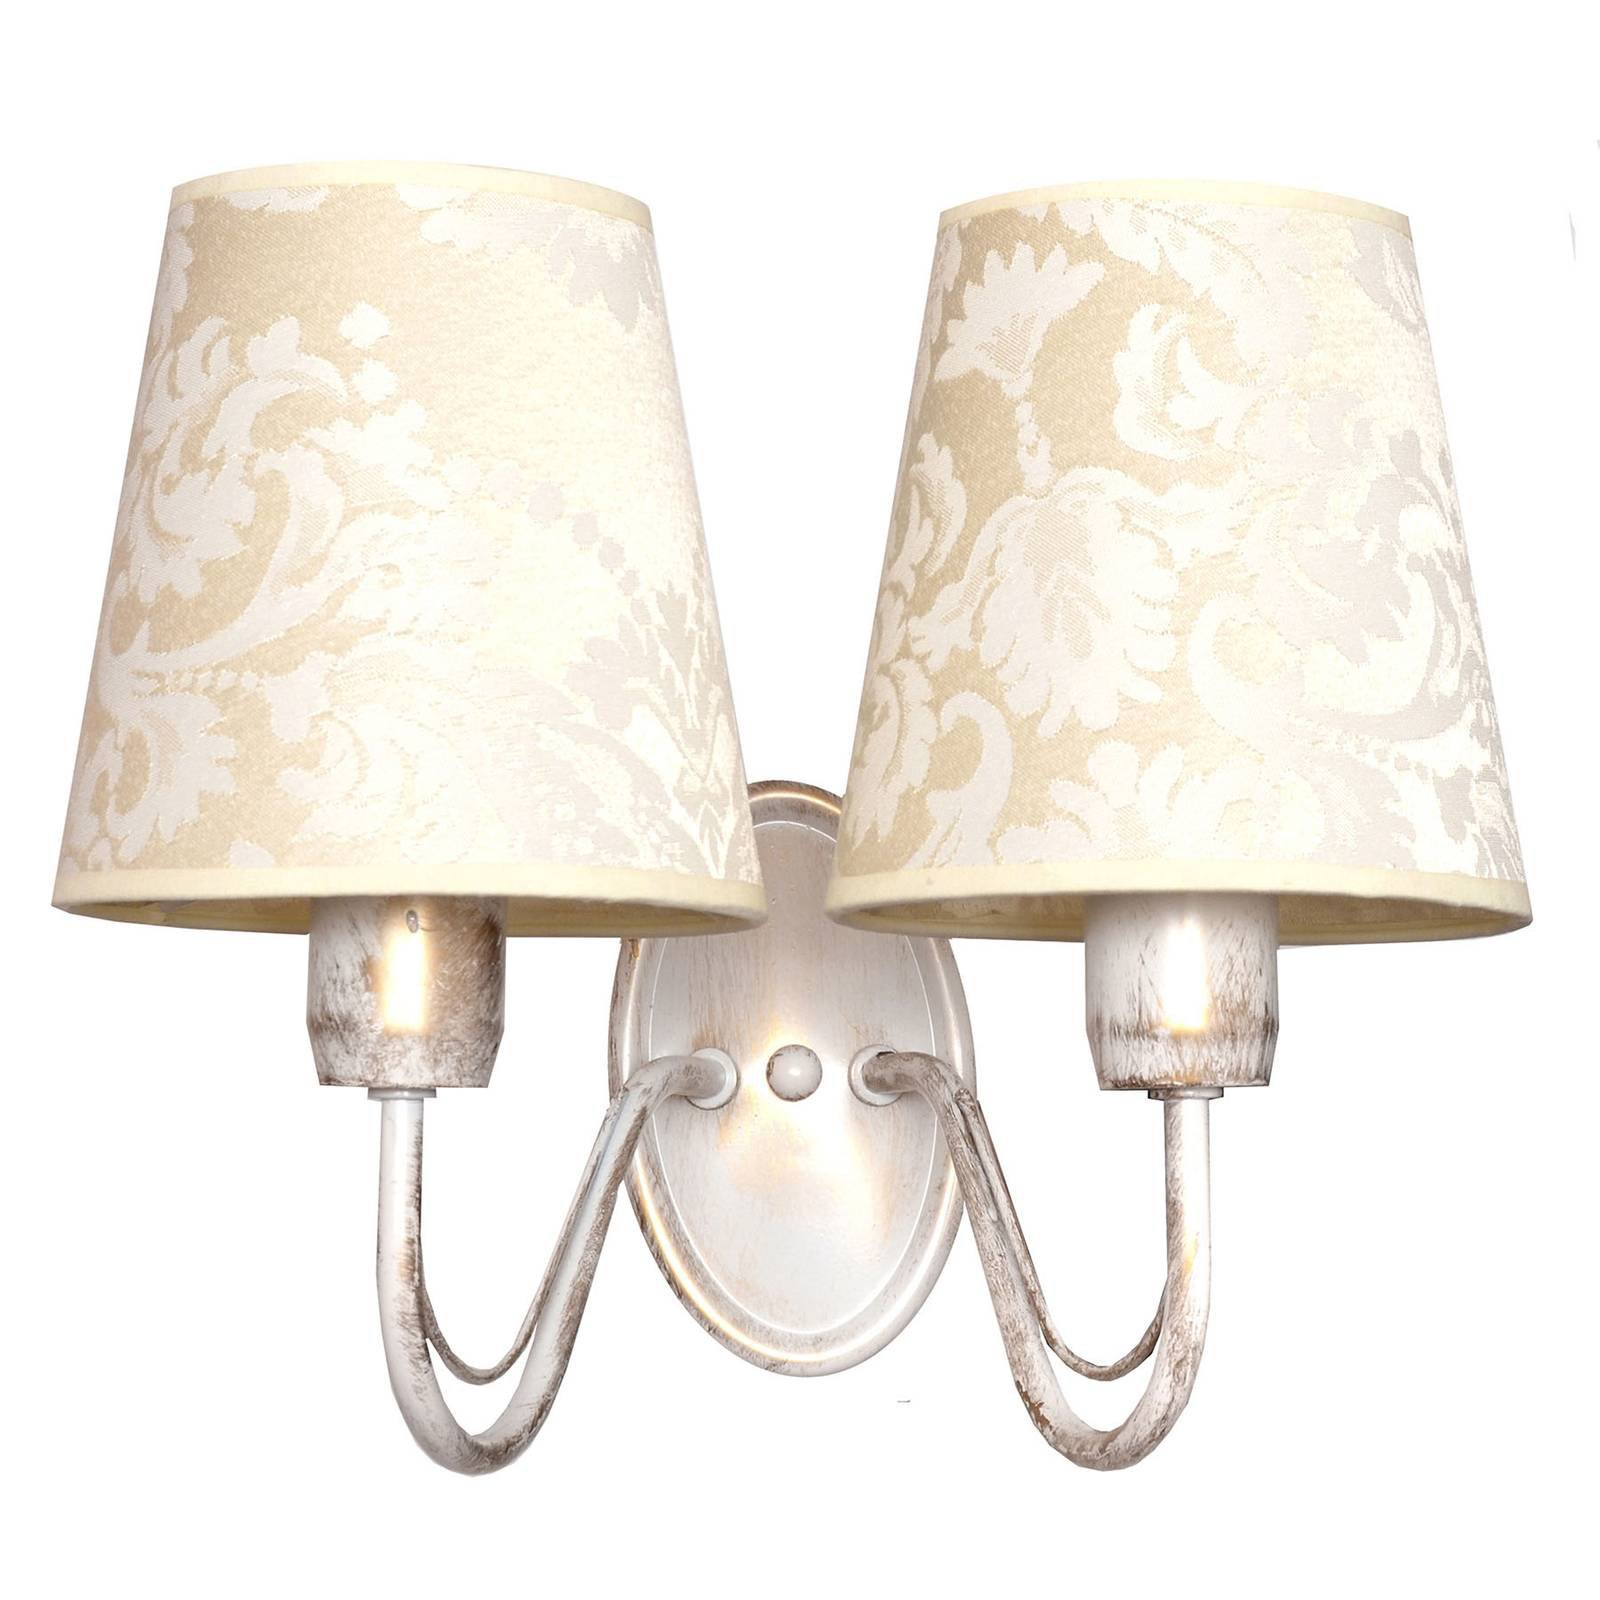 Vegglampe Malbo, hvit, med tekstilskjerm